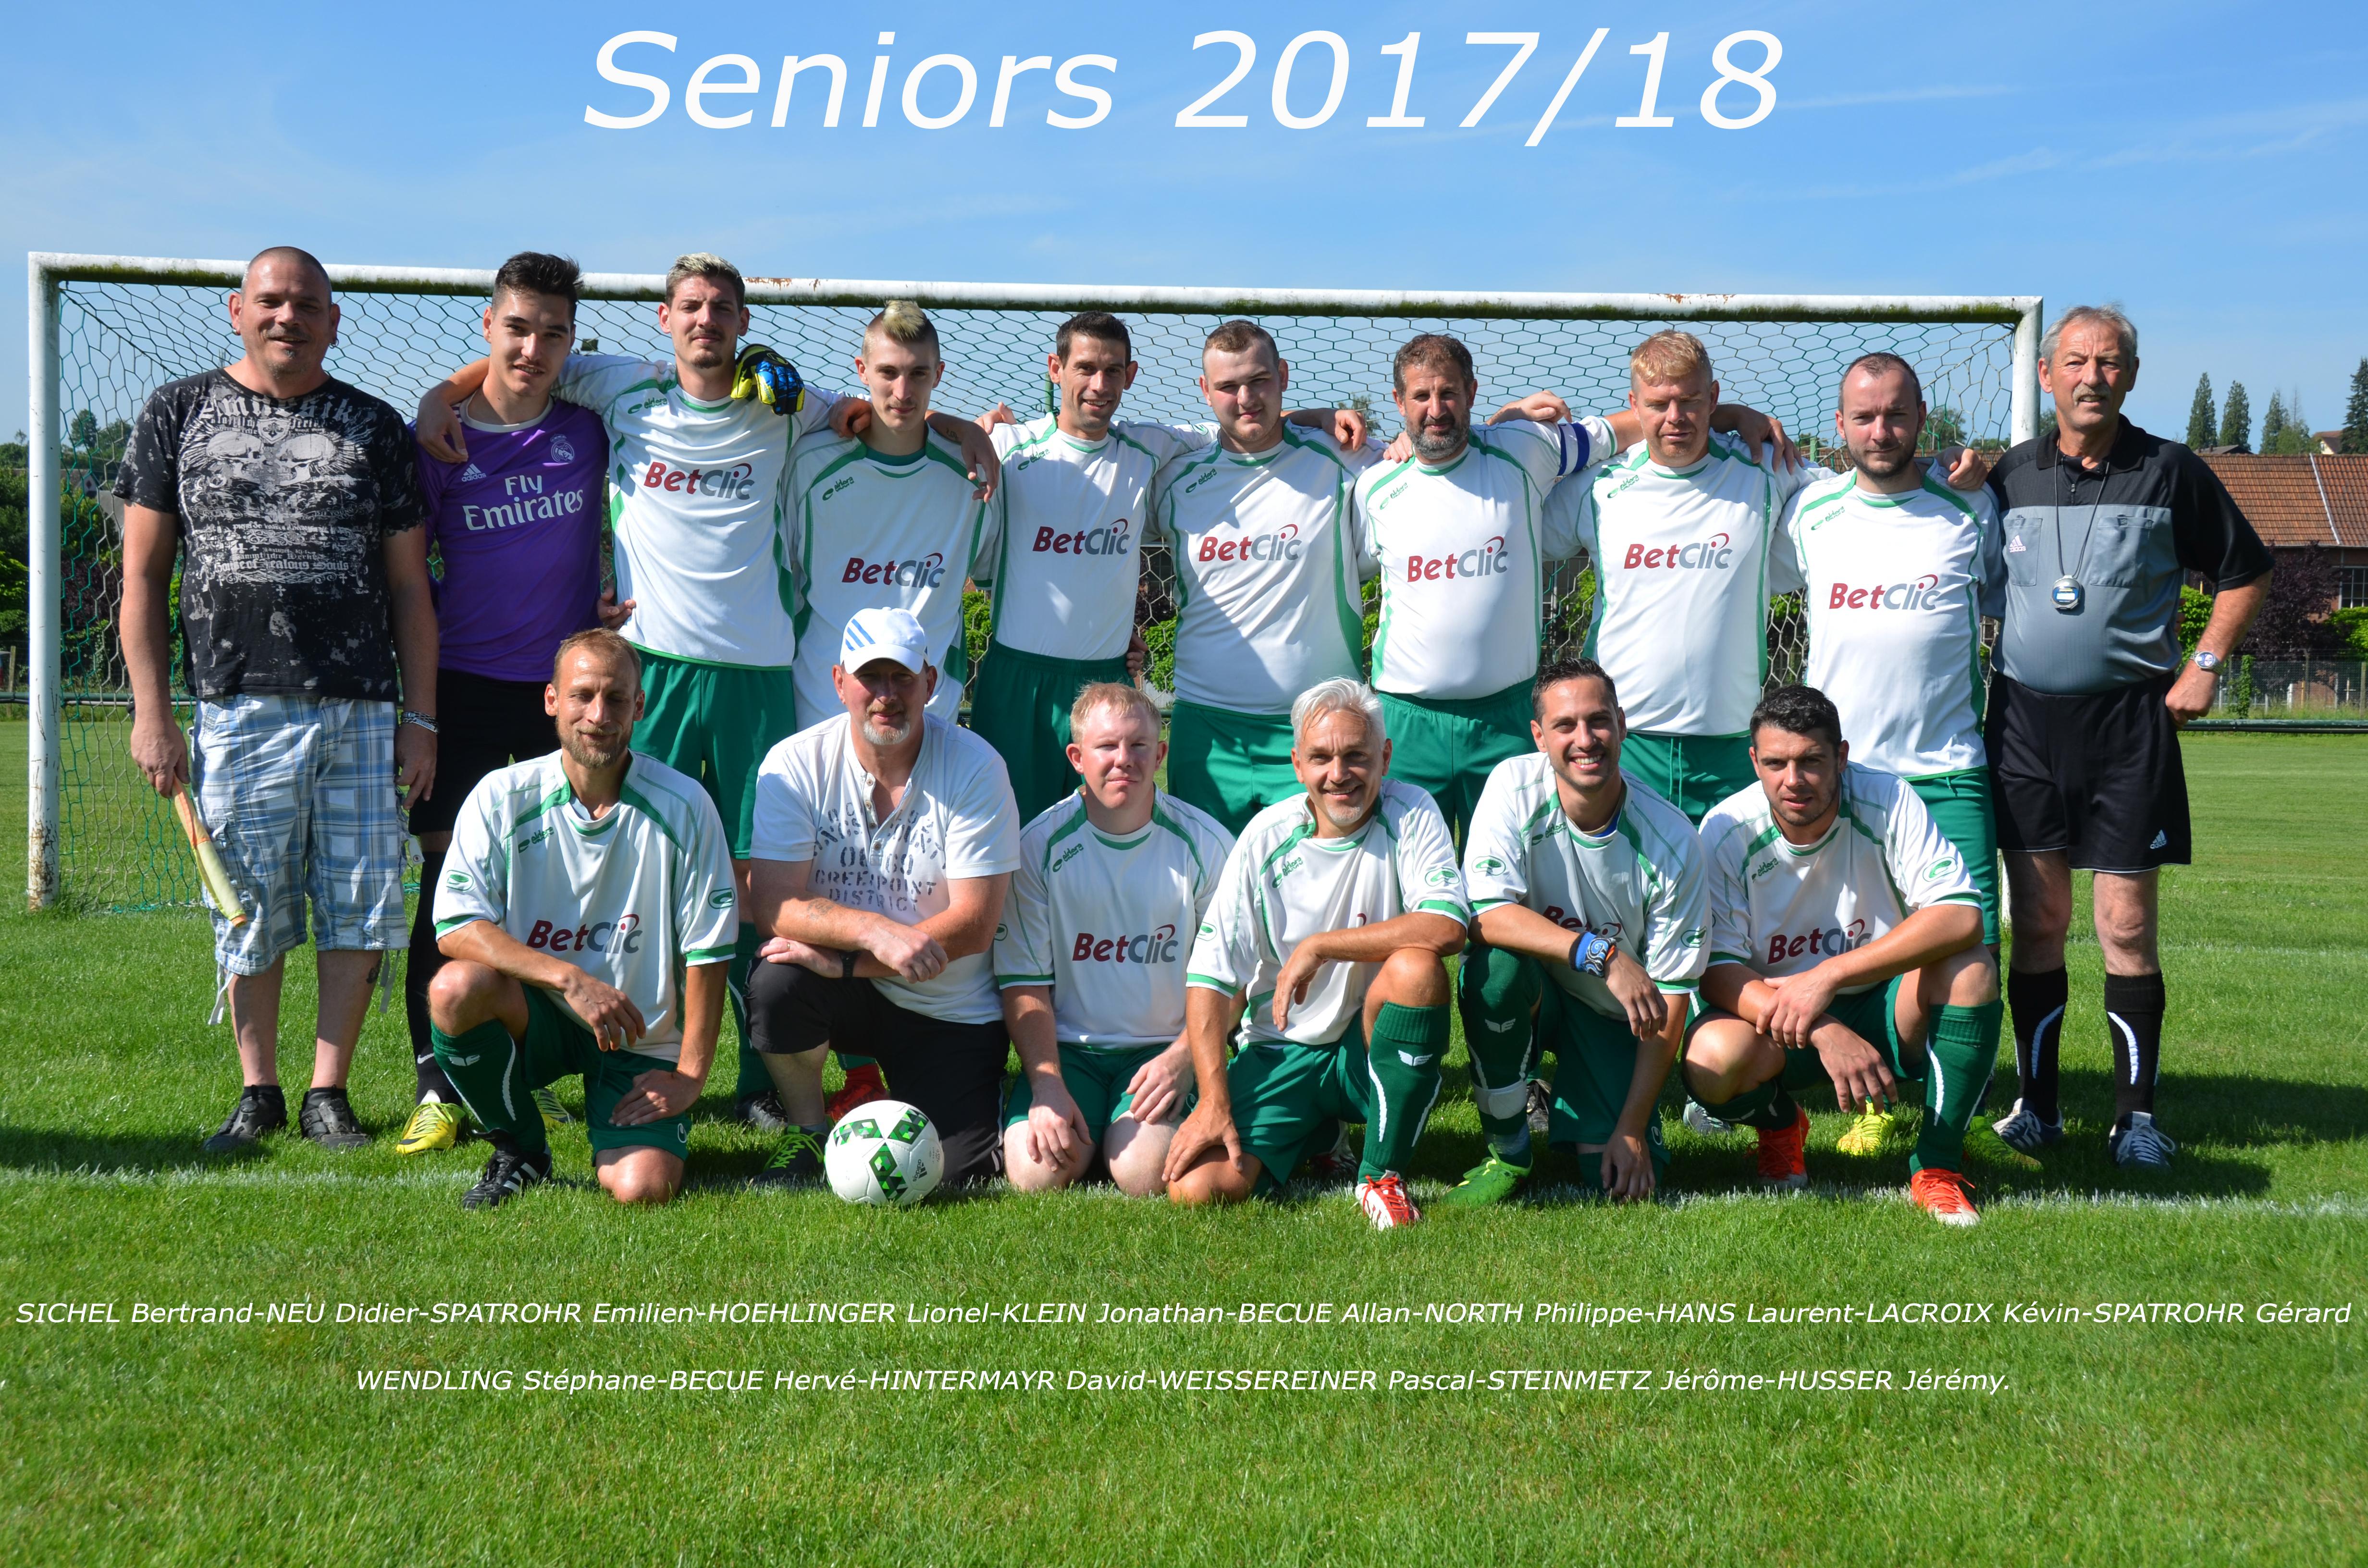 Seniors OLZ 2017/18